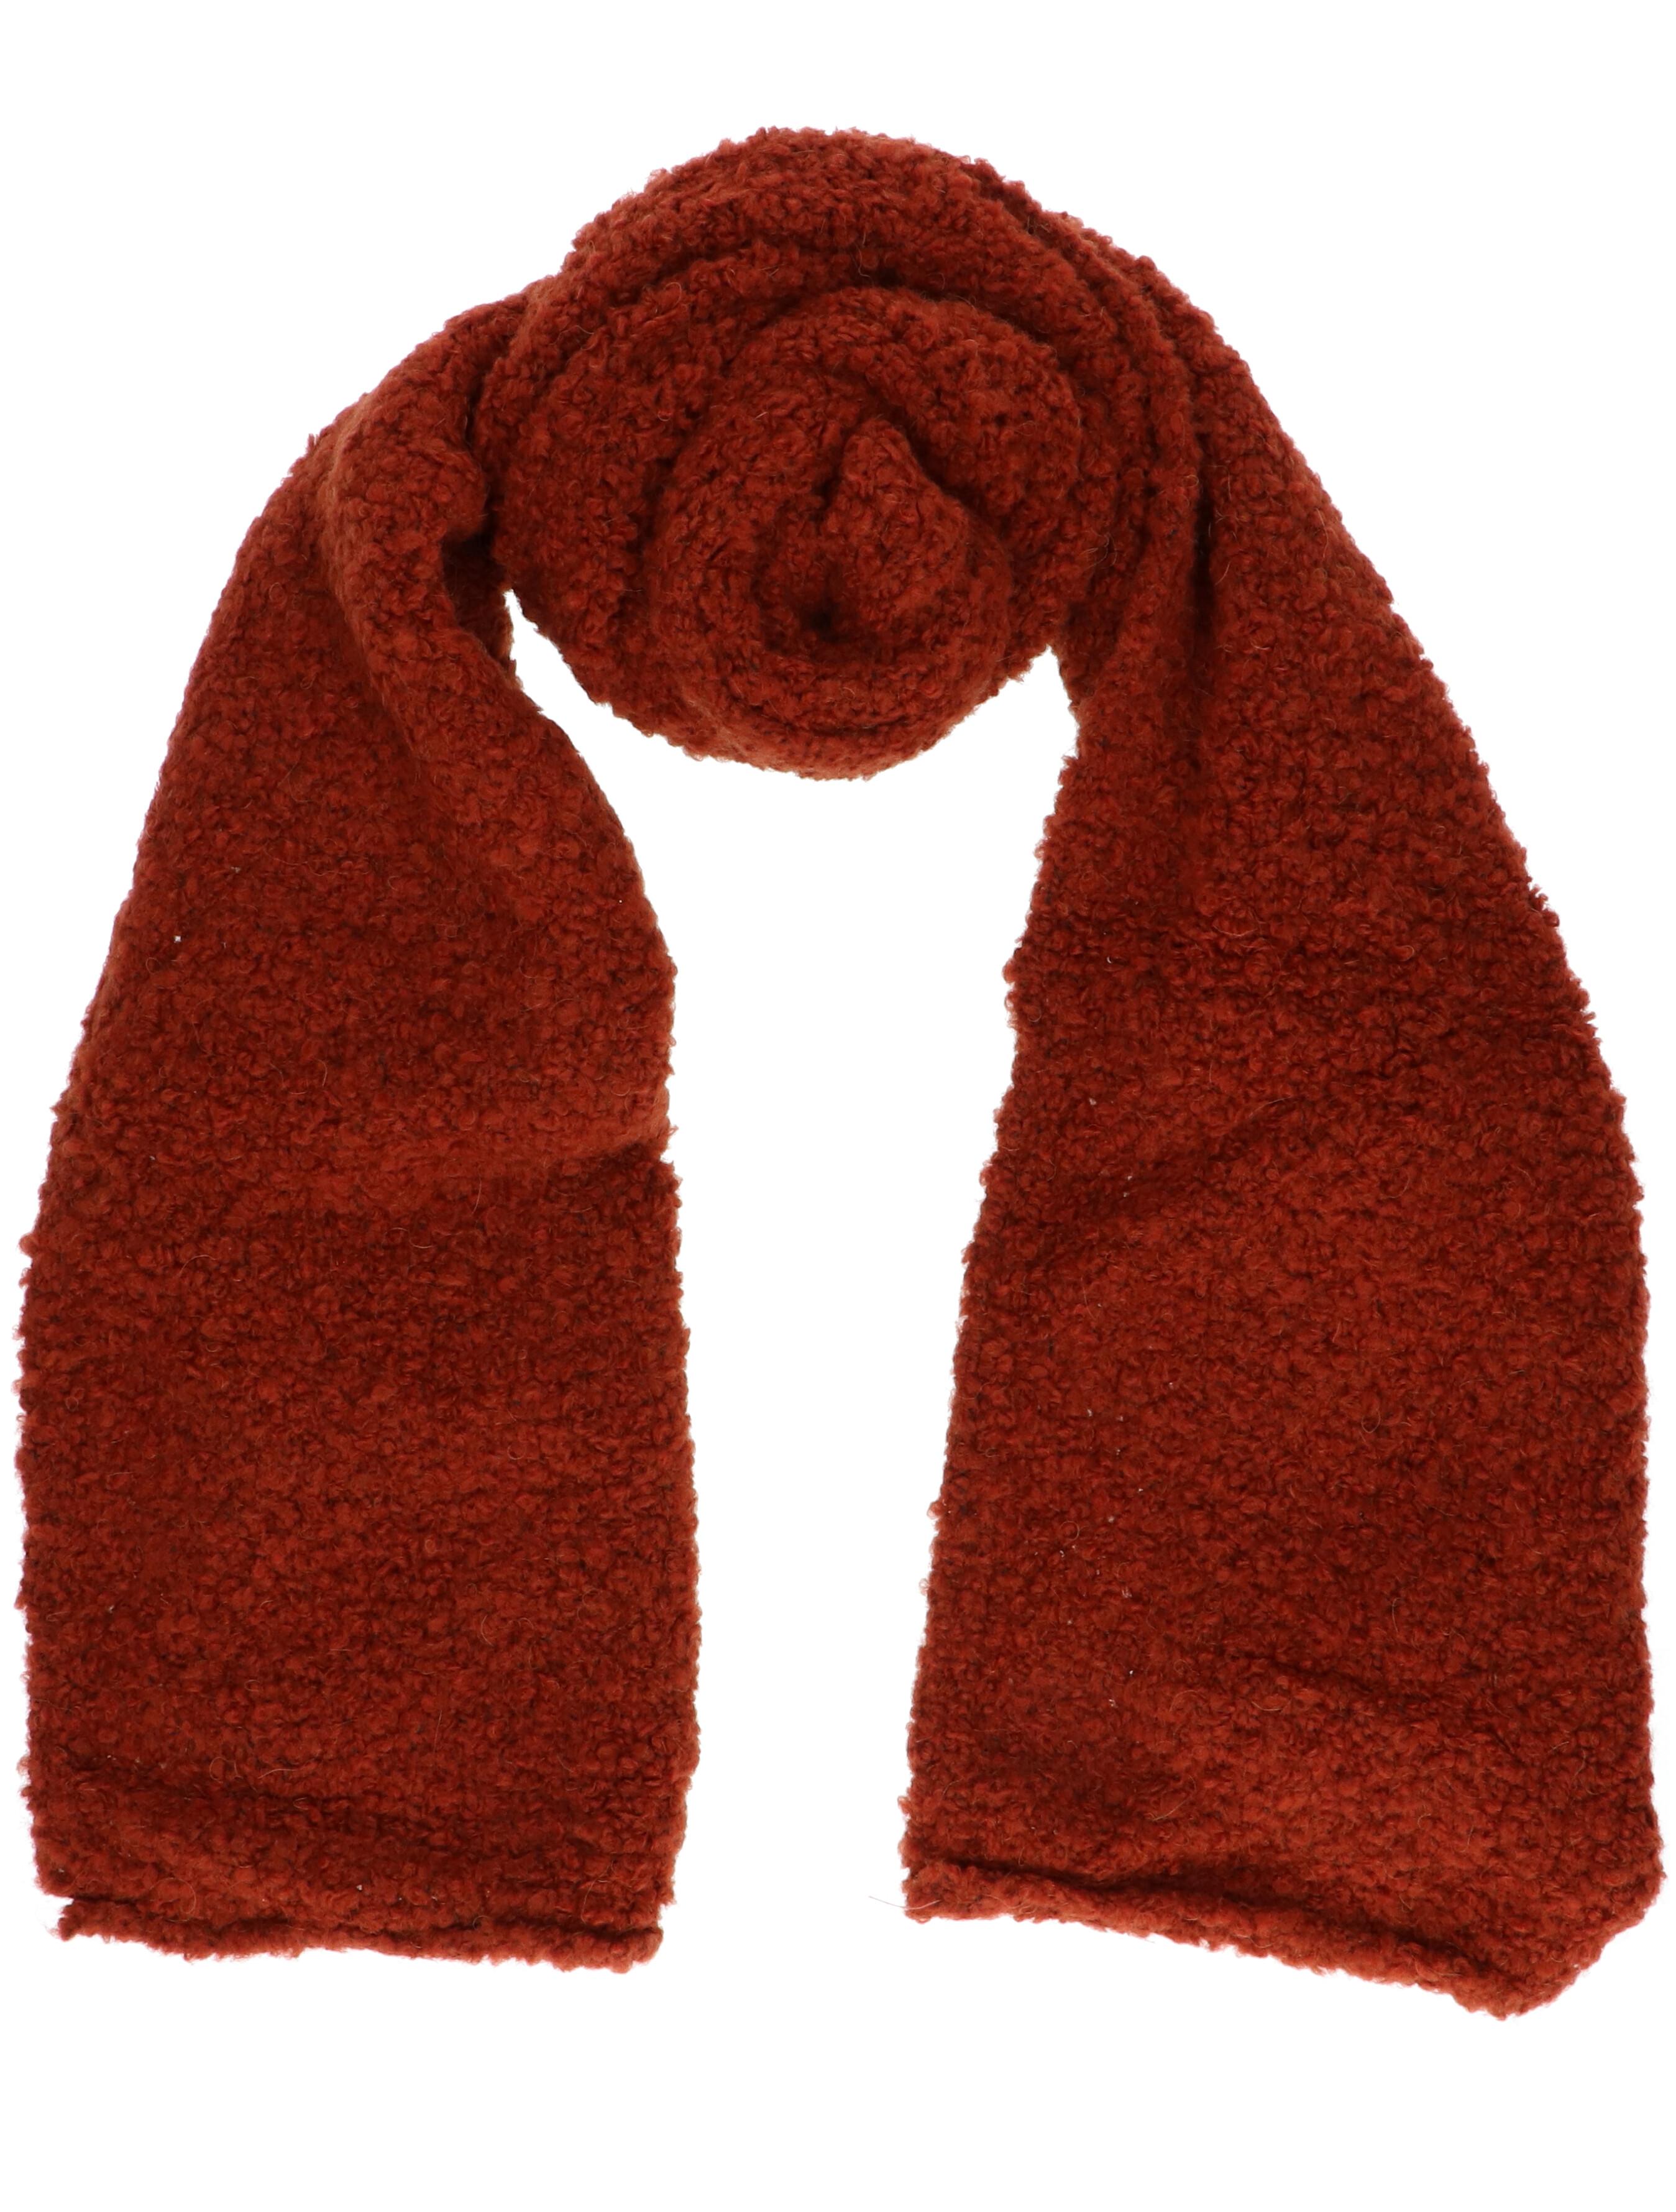 P-Modekontor 5948102 12 Sjaals